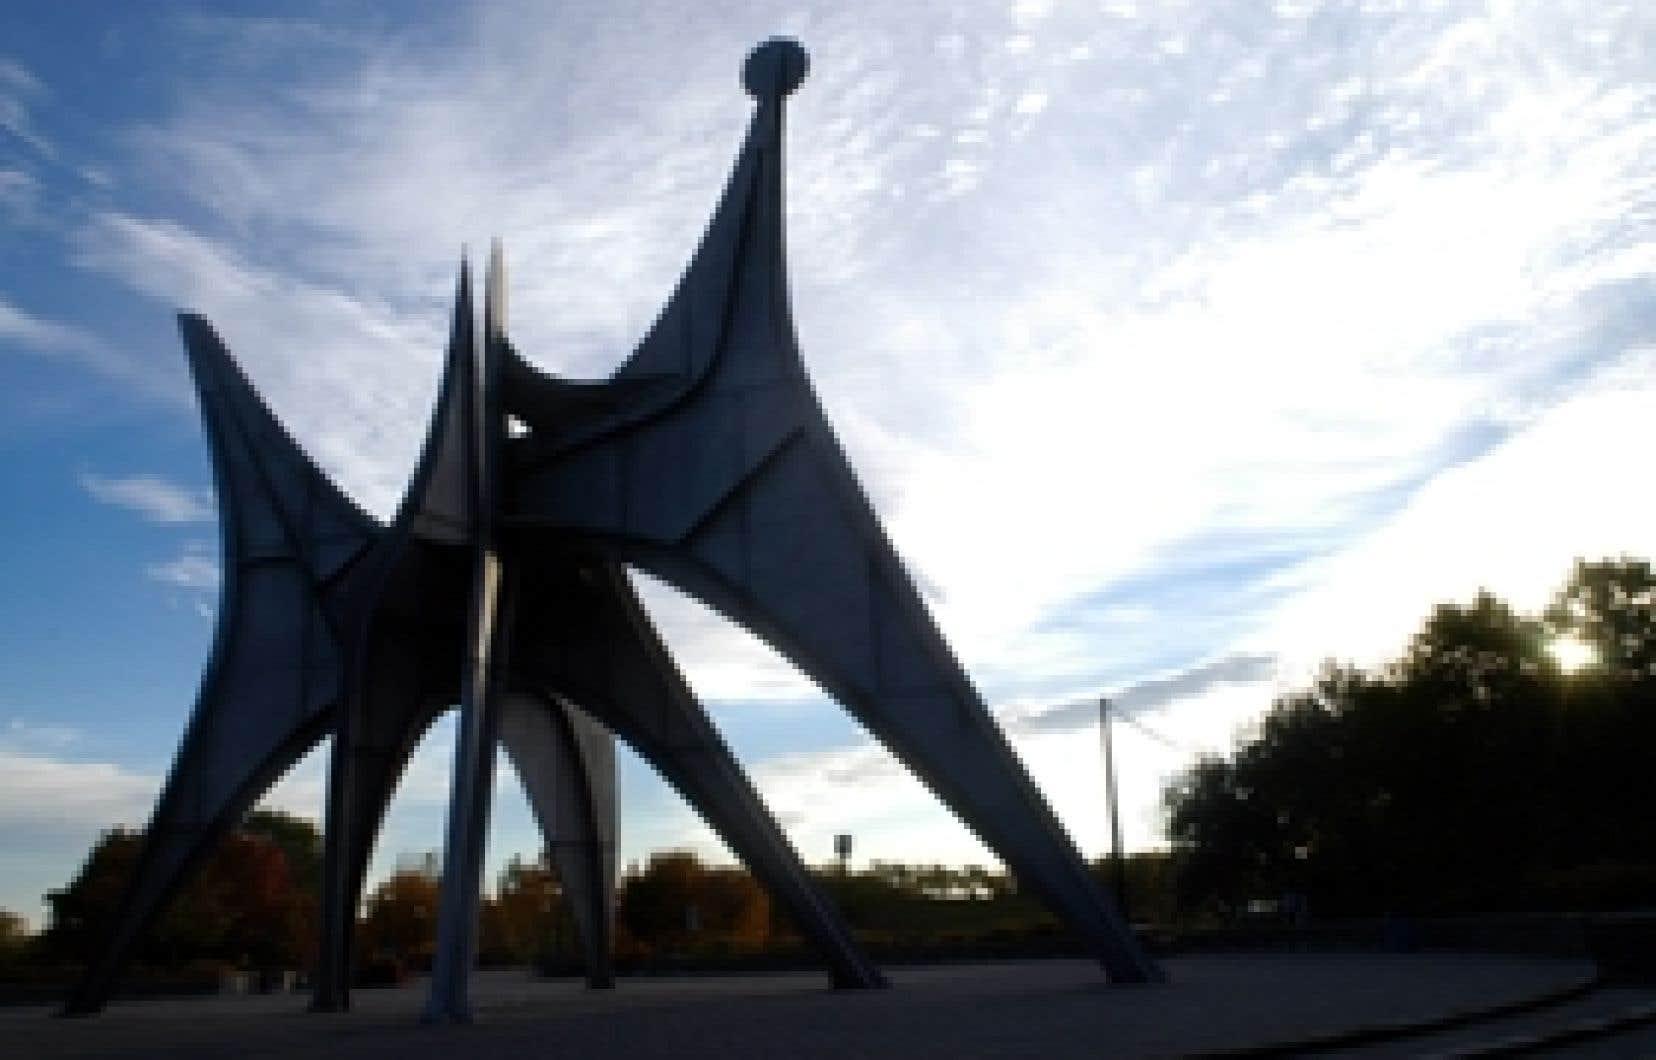 Commandée pour l'Expo 67, L'Homme est une sculpture stabile de 24 mètres de haut en acier inoxydable créée par le sculpteur américain Alexandre Calder, surnommé «l'oiseleur du fer» par le poète Prévert.